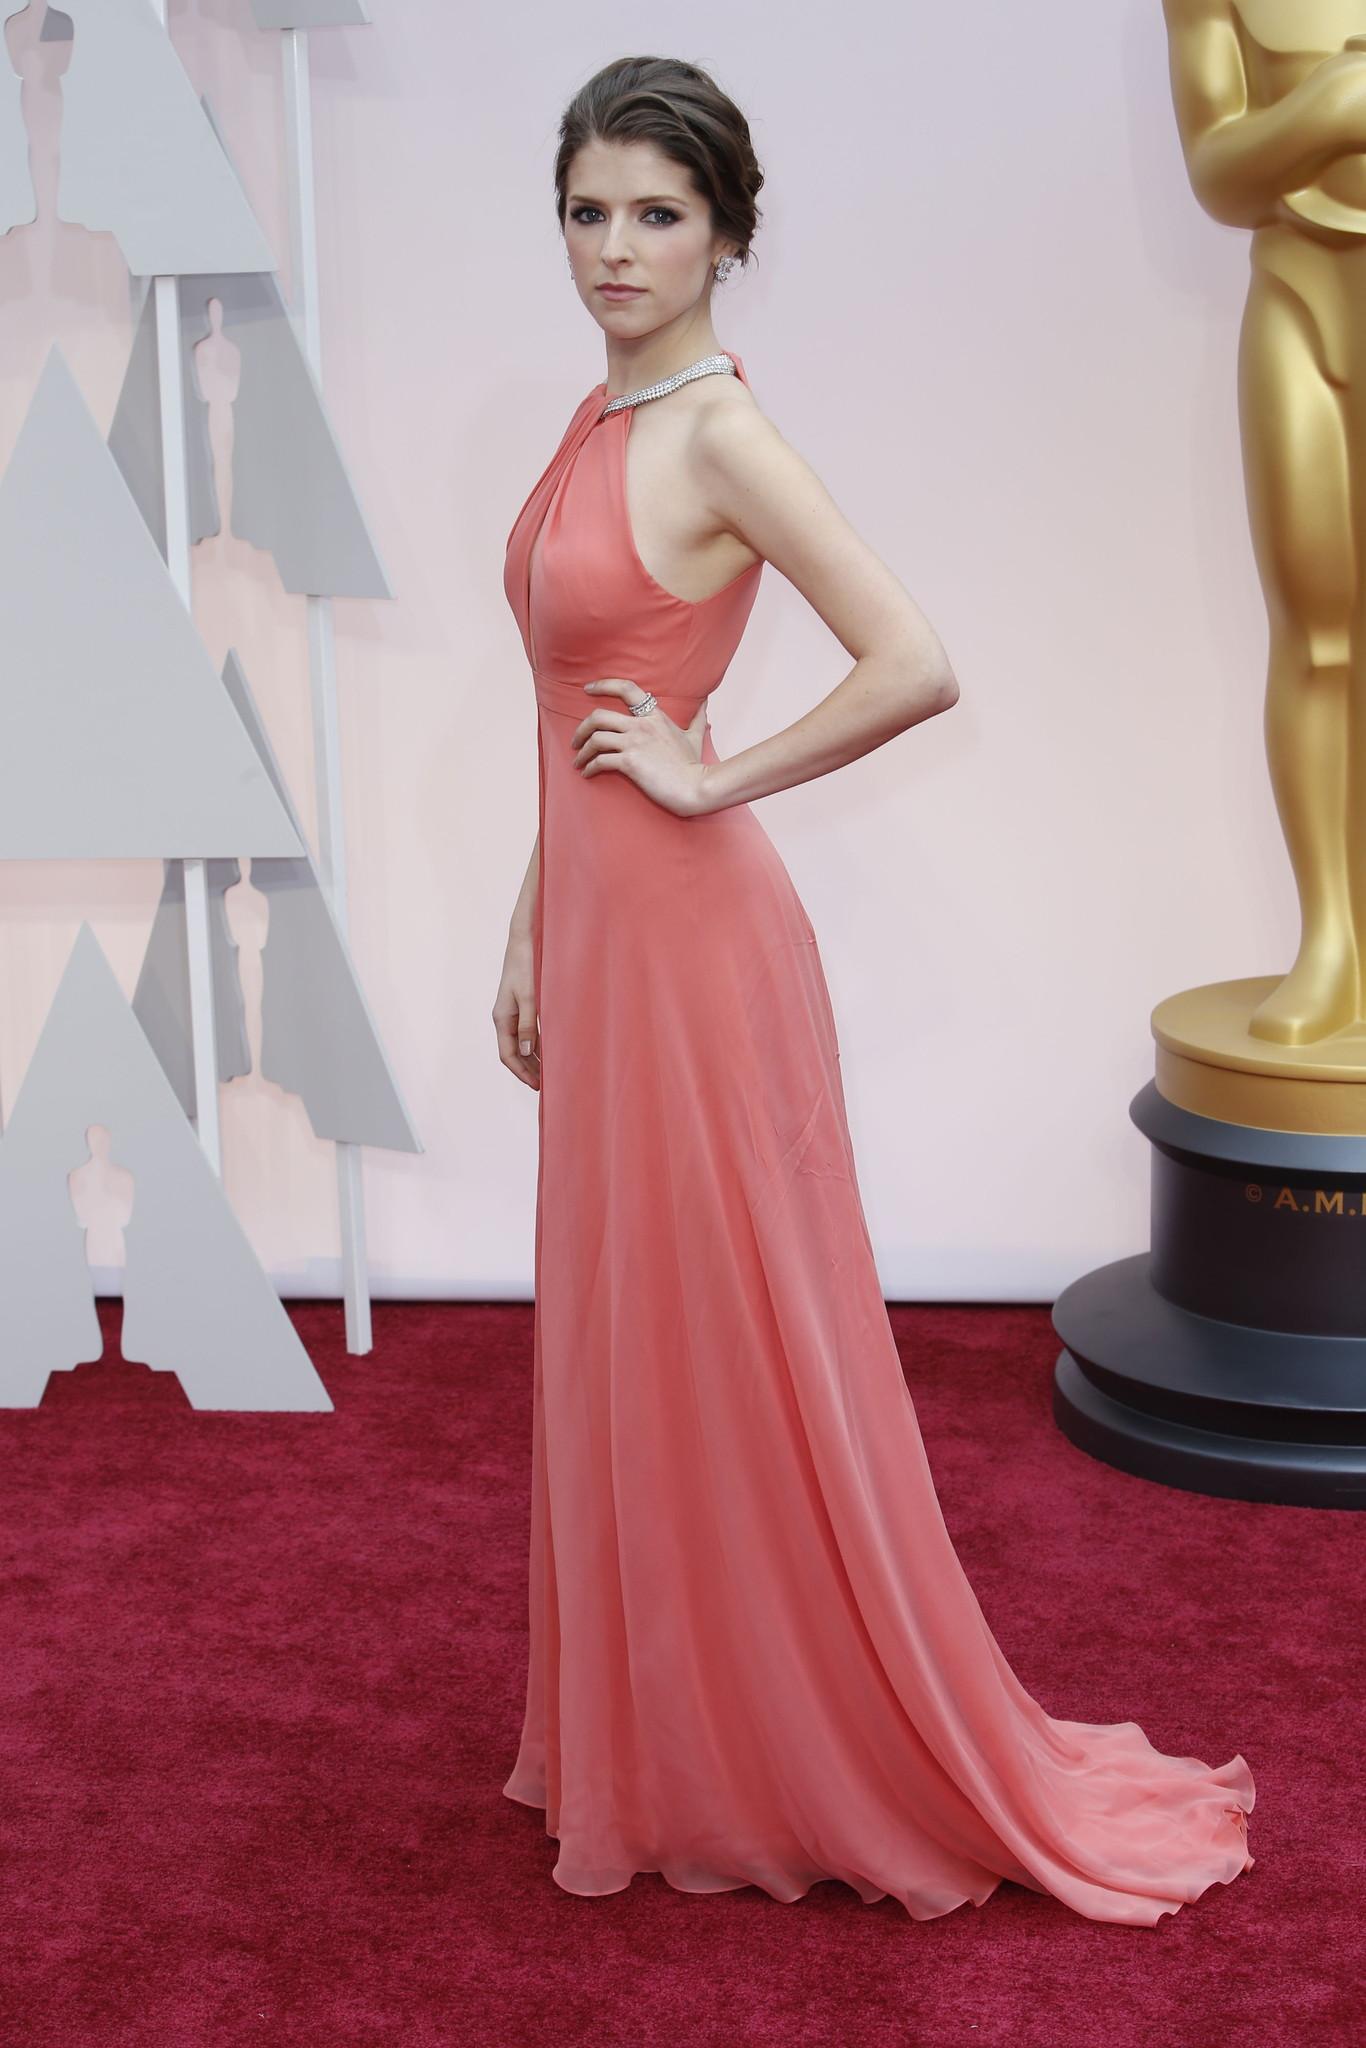 Excepcional Vestido De Novia De Hillary Clinton Foto - Ideas de ...